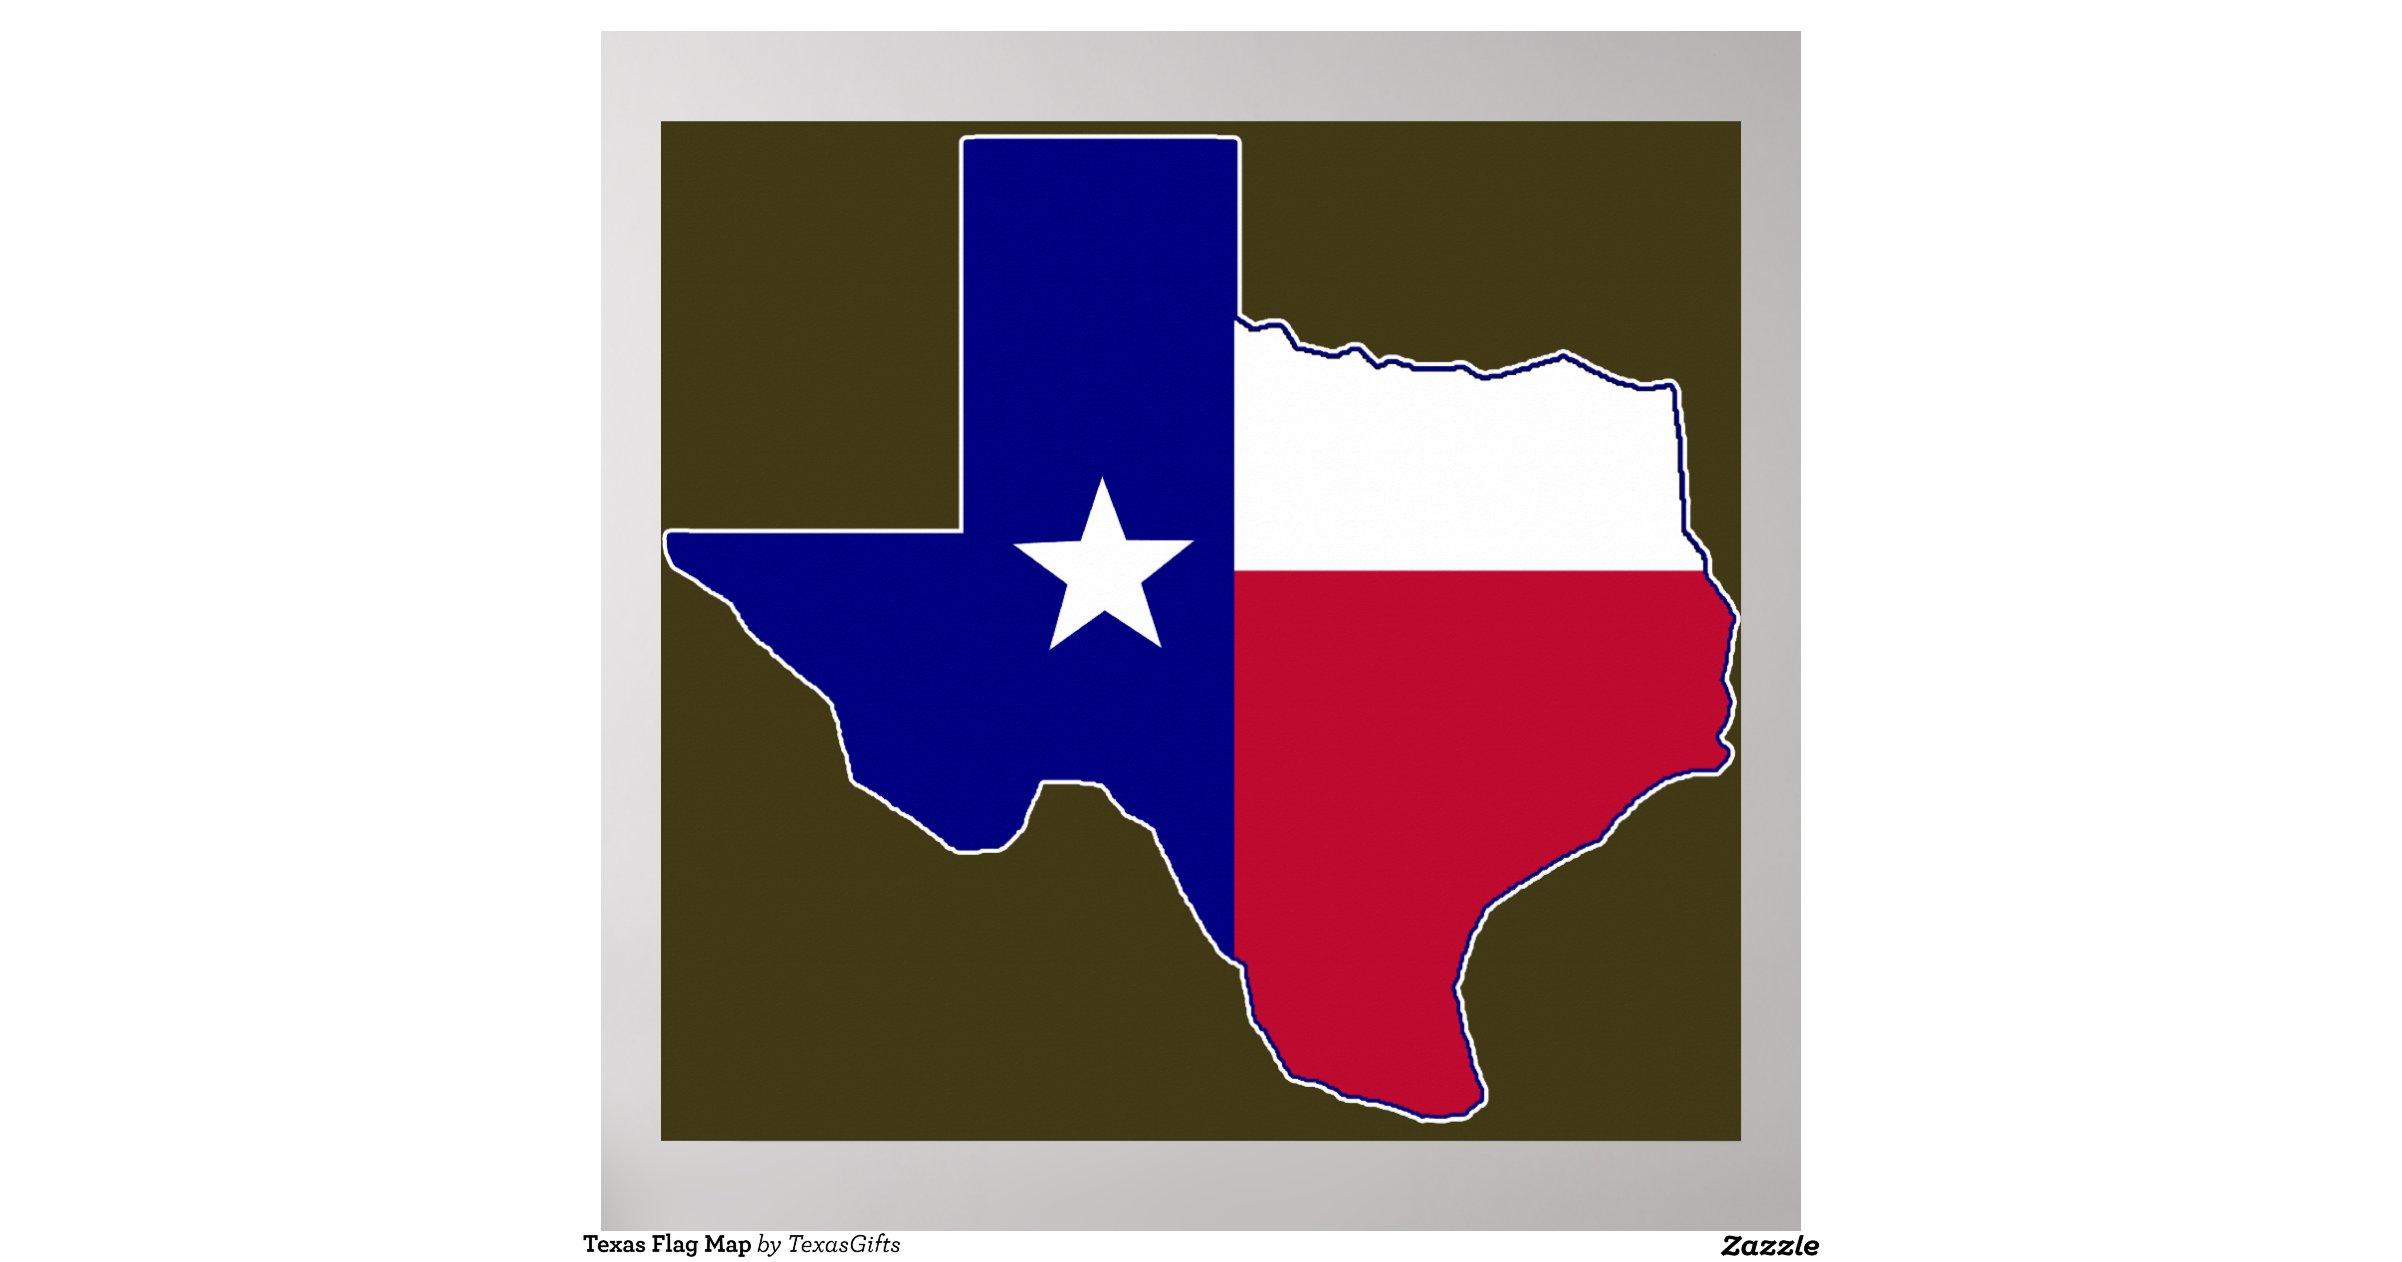 Texas_flag_map_posterr11e4f15ed7d440a3b50bcf7641c13459